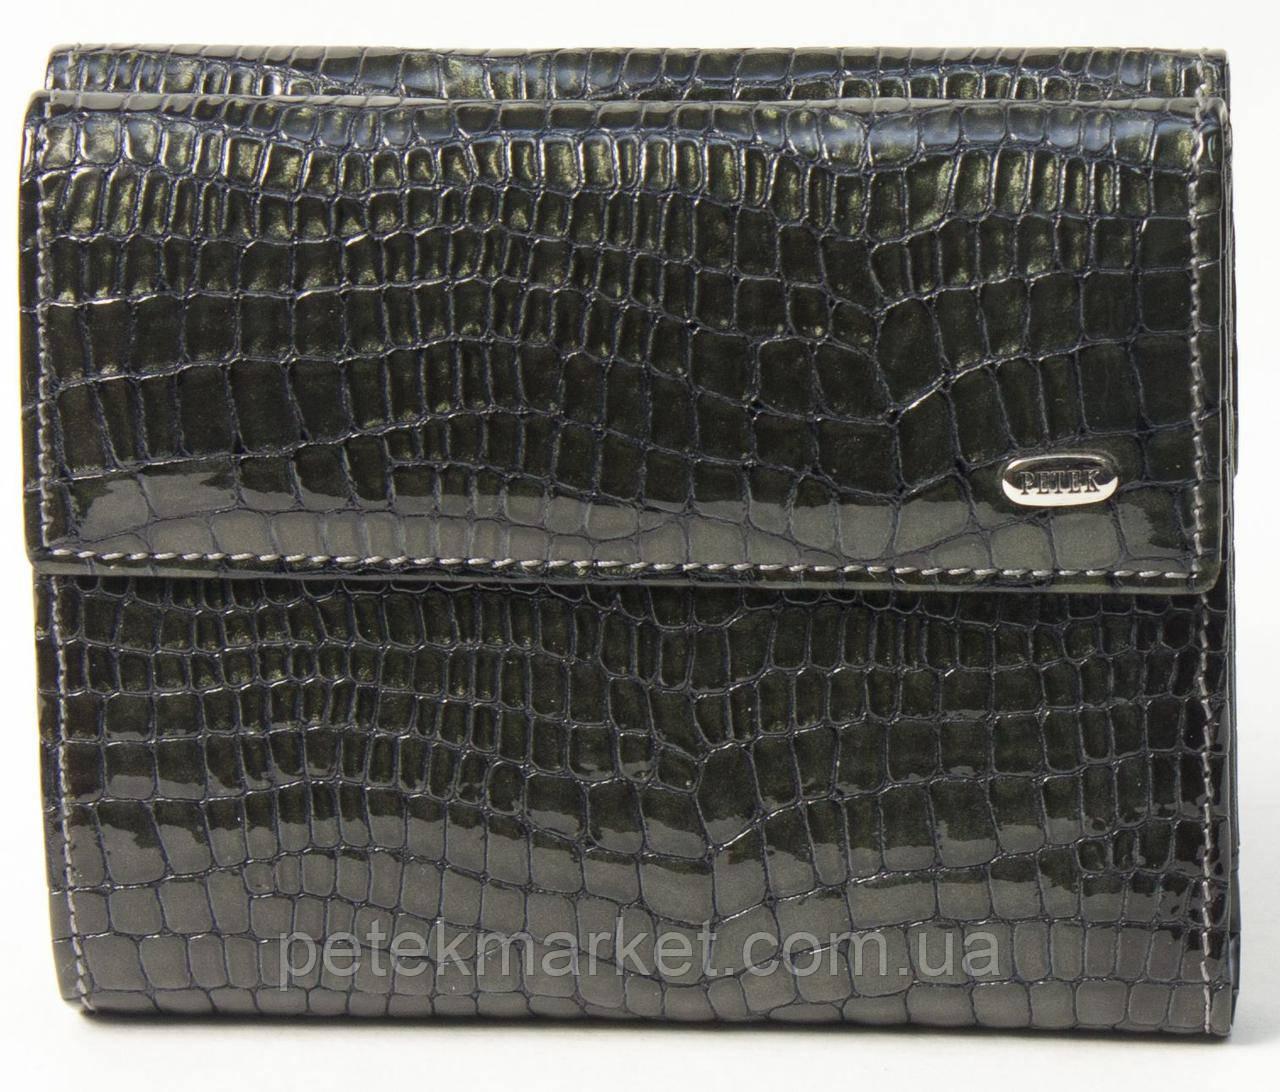 Кожаный женский кошелек Petek 335